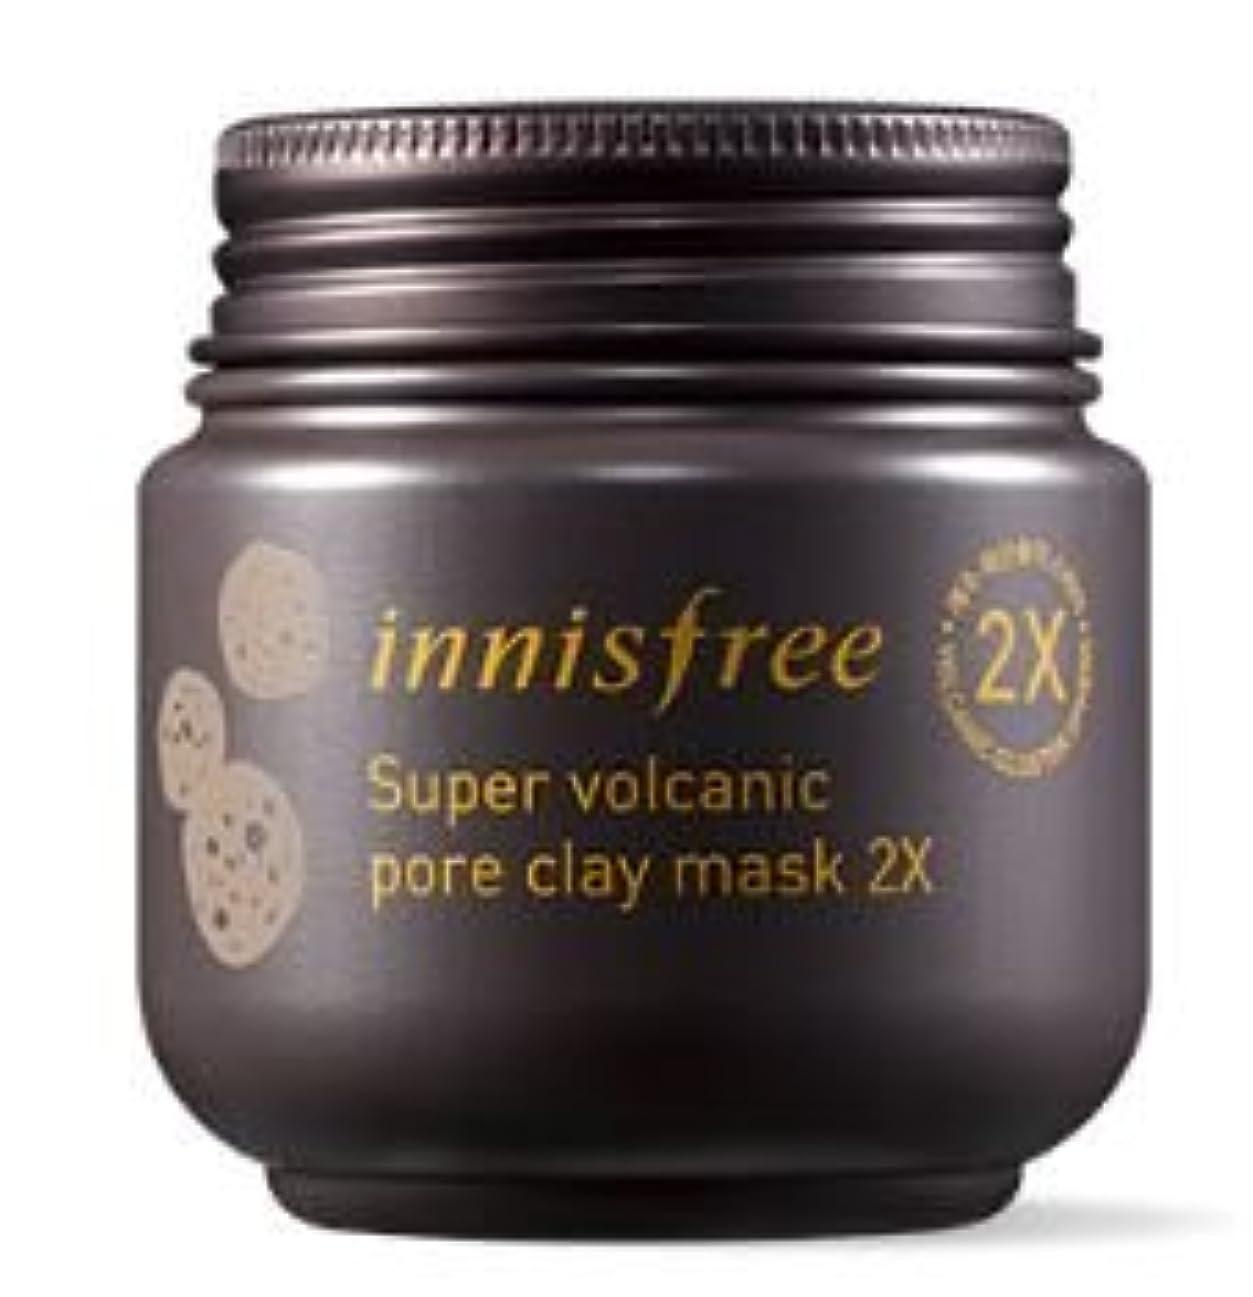 言及するしてはいけません同封する★NEW★[innisfree] Super Volcanic Pore Clay Mask 2x 100ml [並行輸入品]